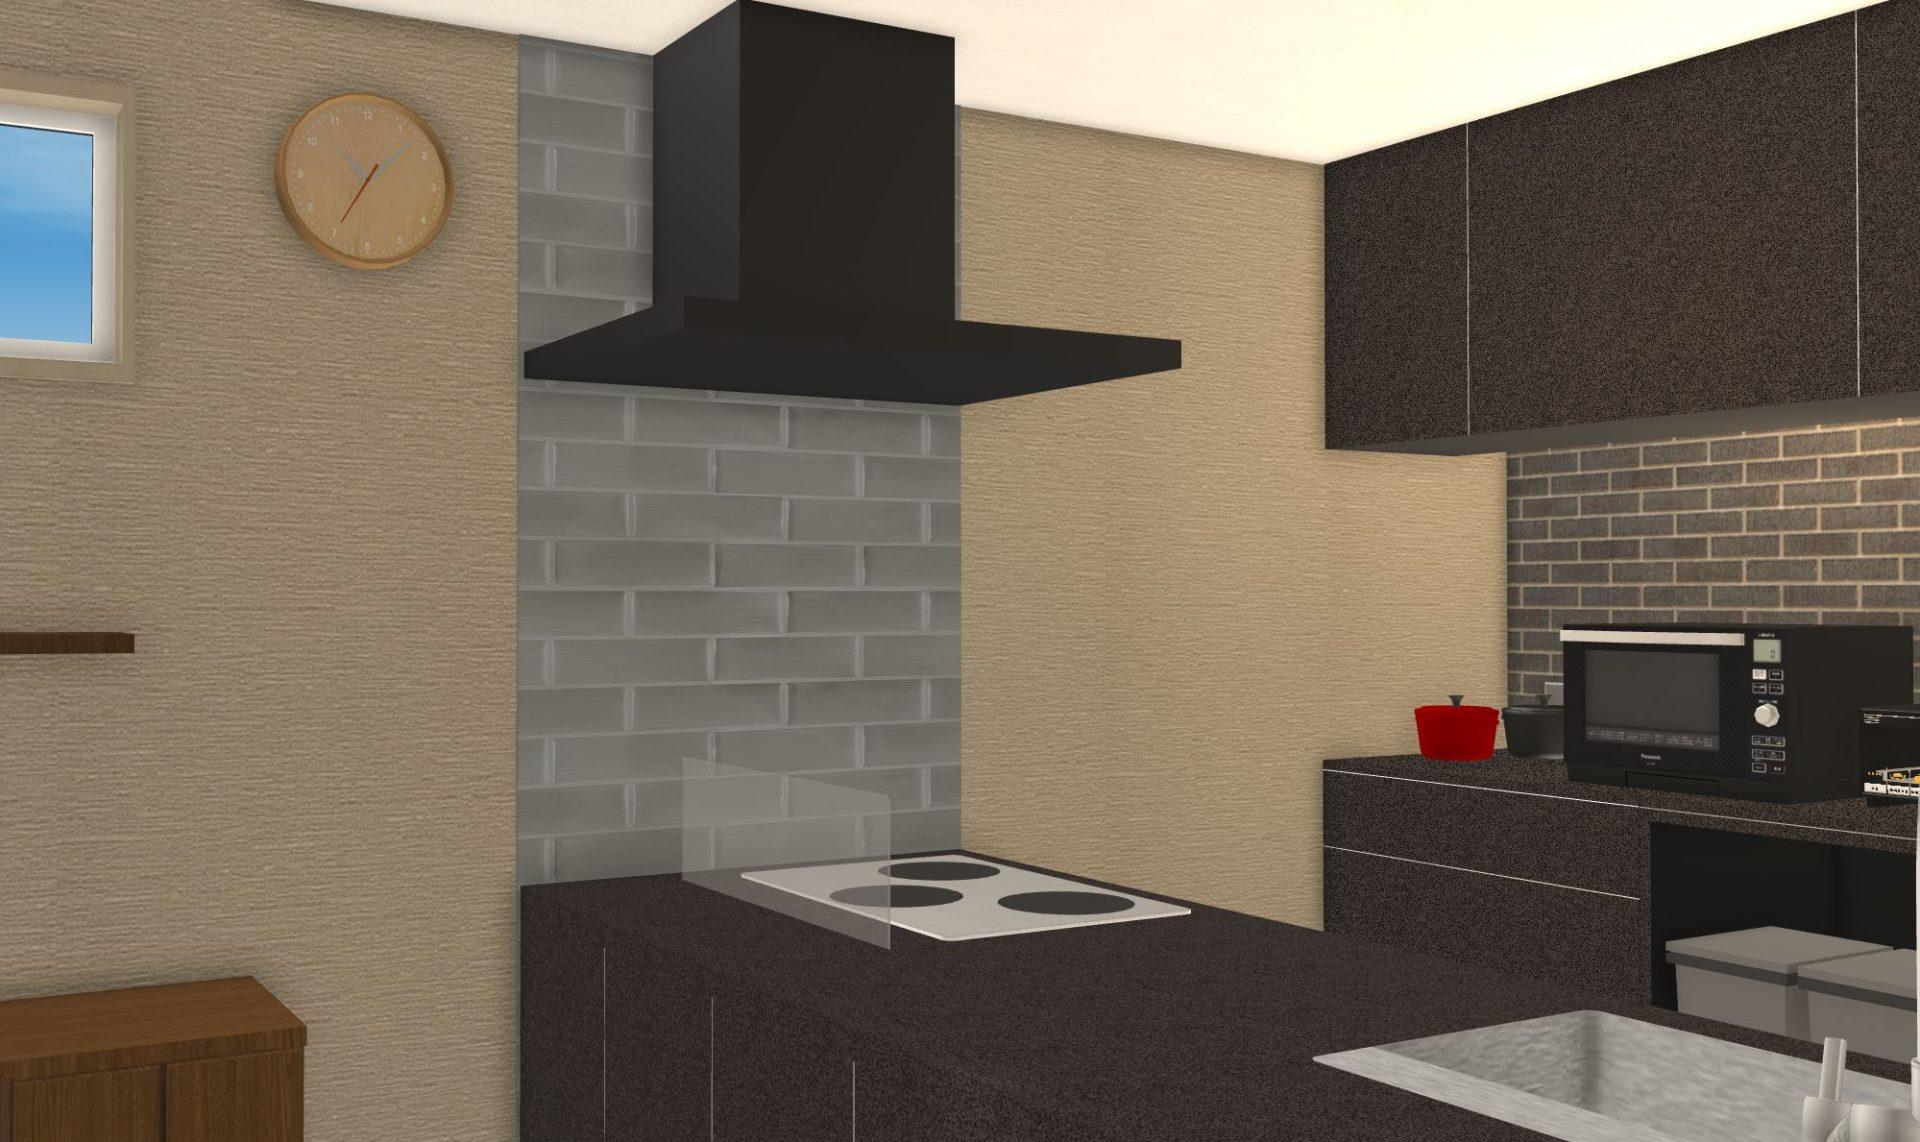 キッチンパネルではなく名古屋モザイクのひだSを使用